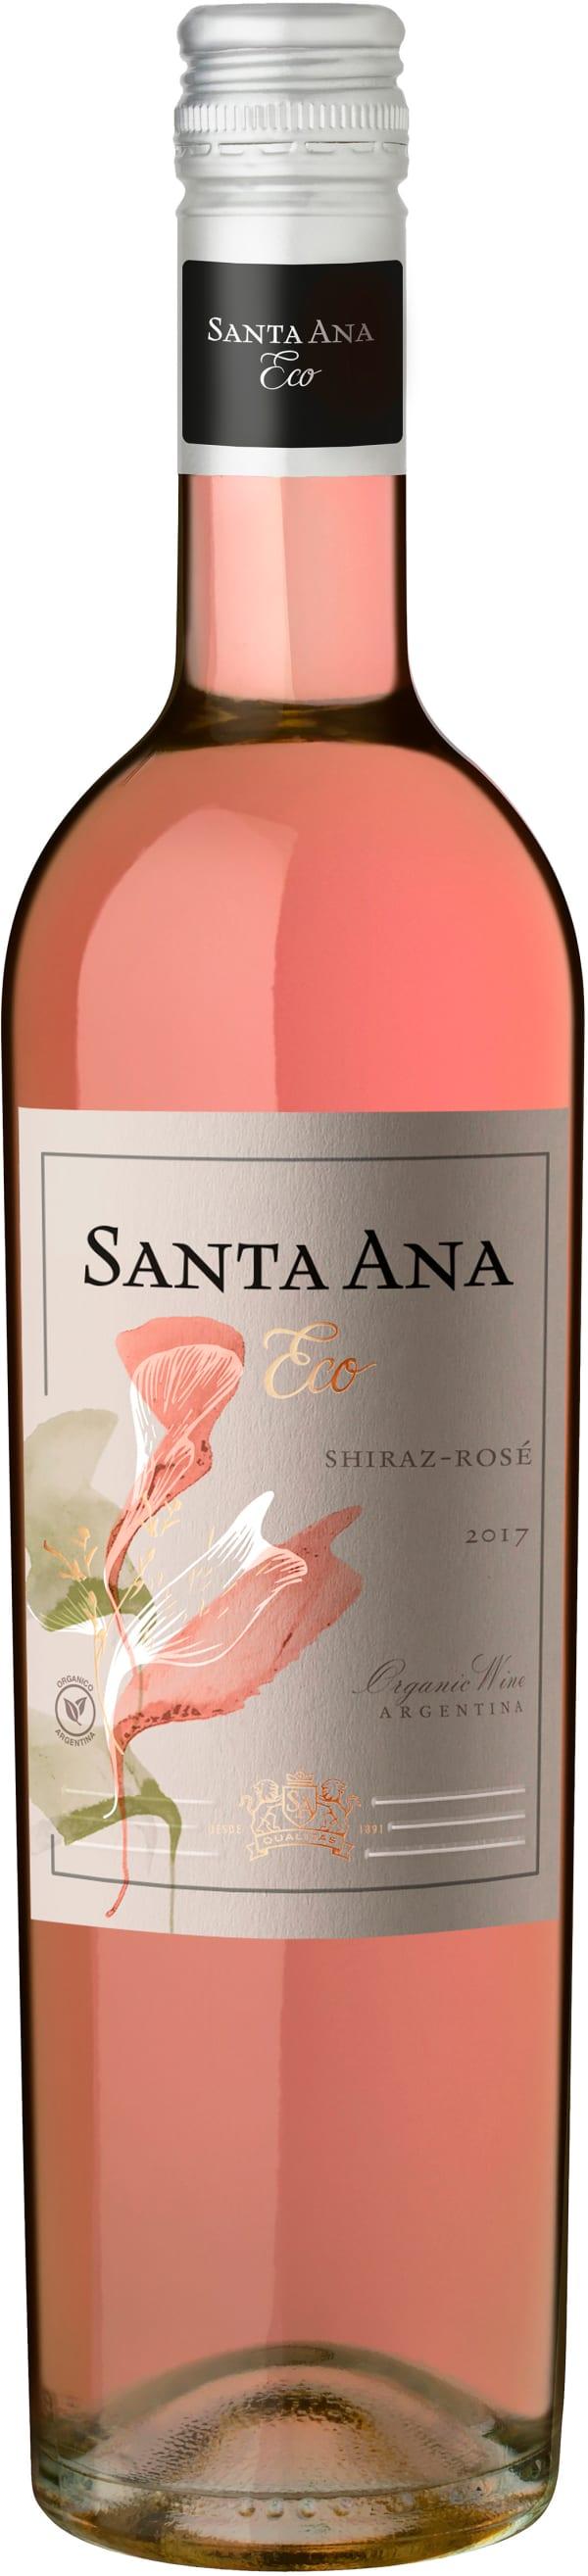 Santa Ana Organic Shiraz Rosé 2018